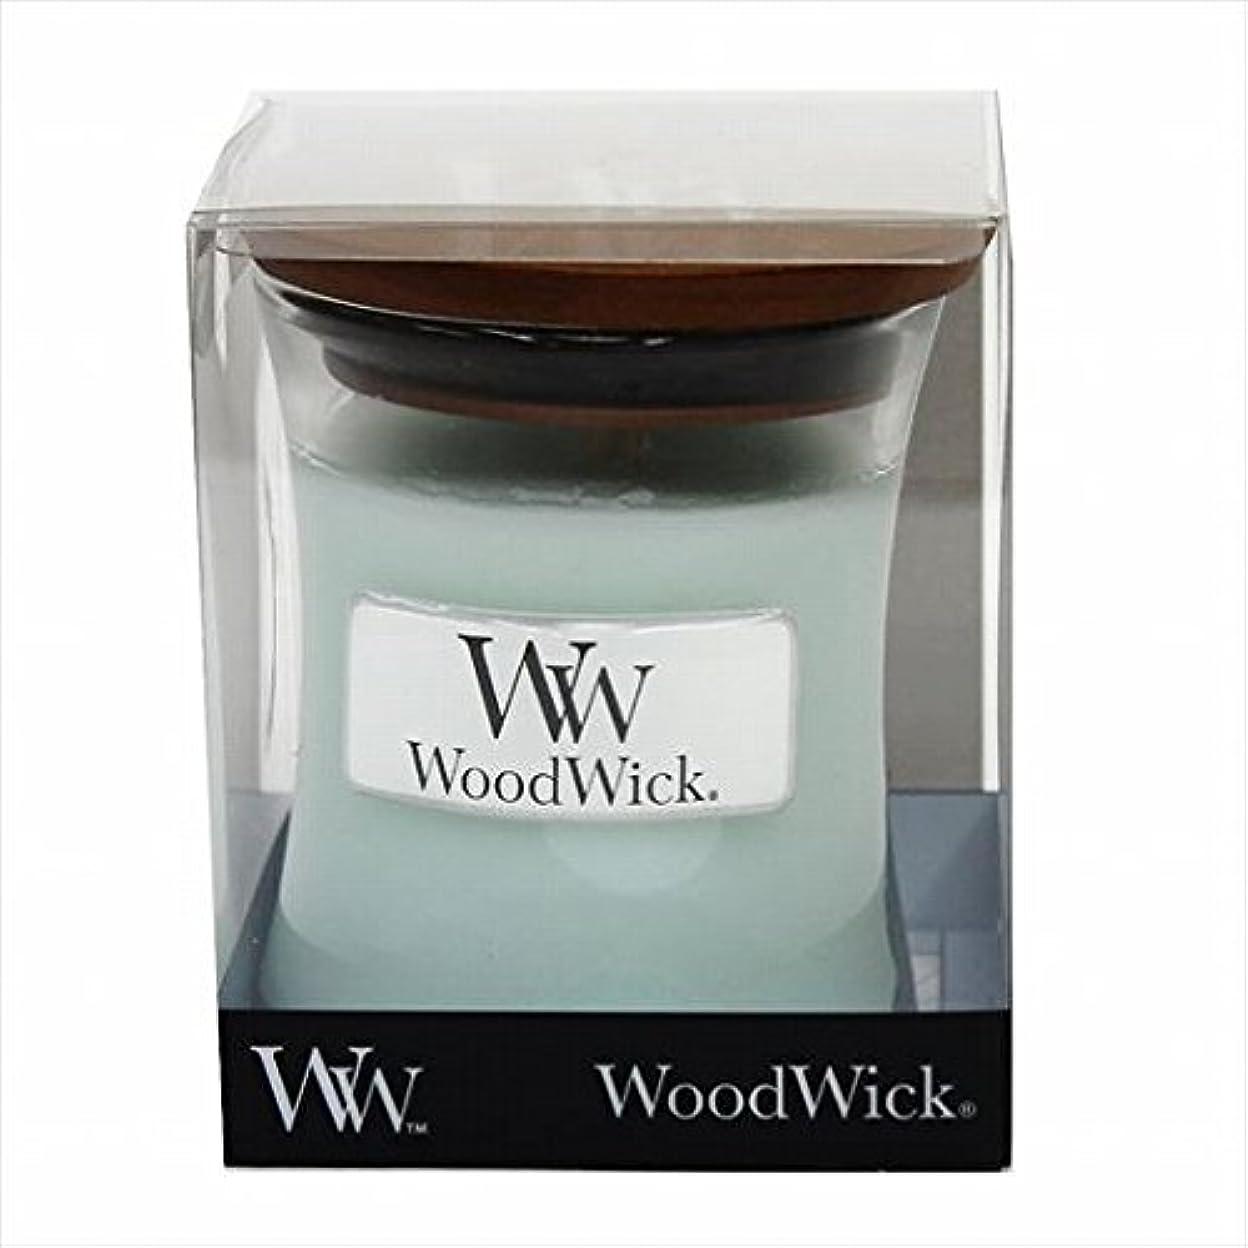 人口未亡人塊カメヤマキャンドル( kameyama candle ) Wood Wick ジャーS 「 ピュアコンフォート 」